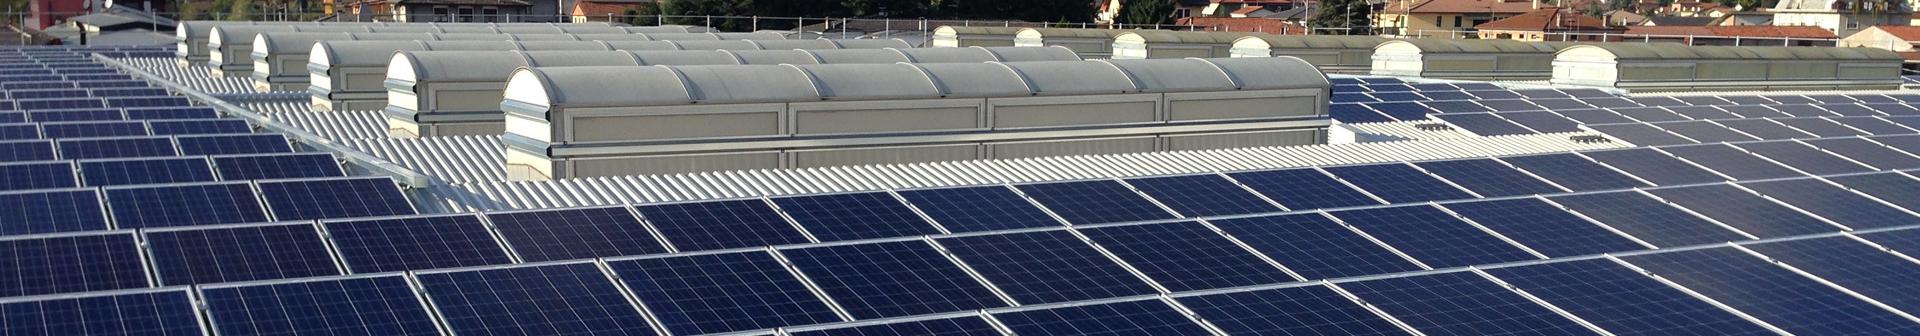 marcheluzzo-posa-fotovoltaico